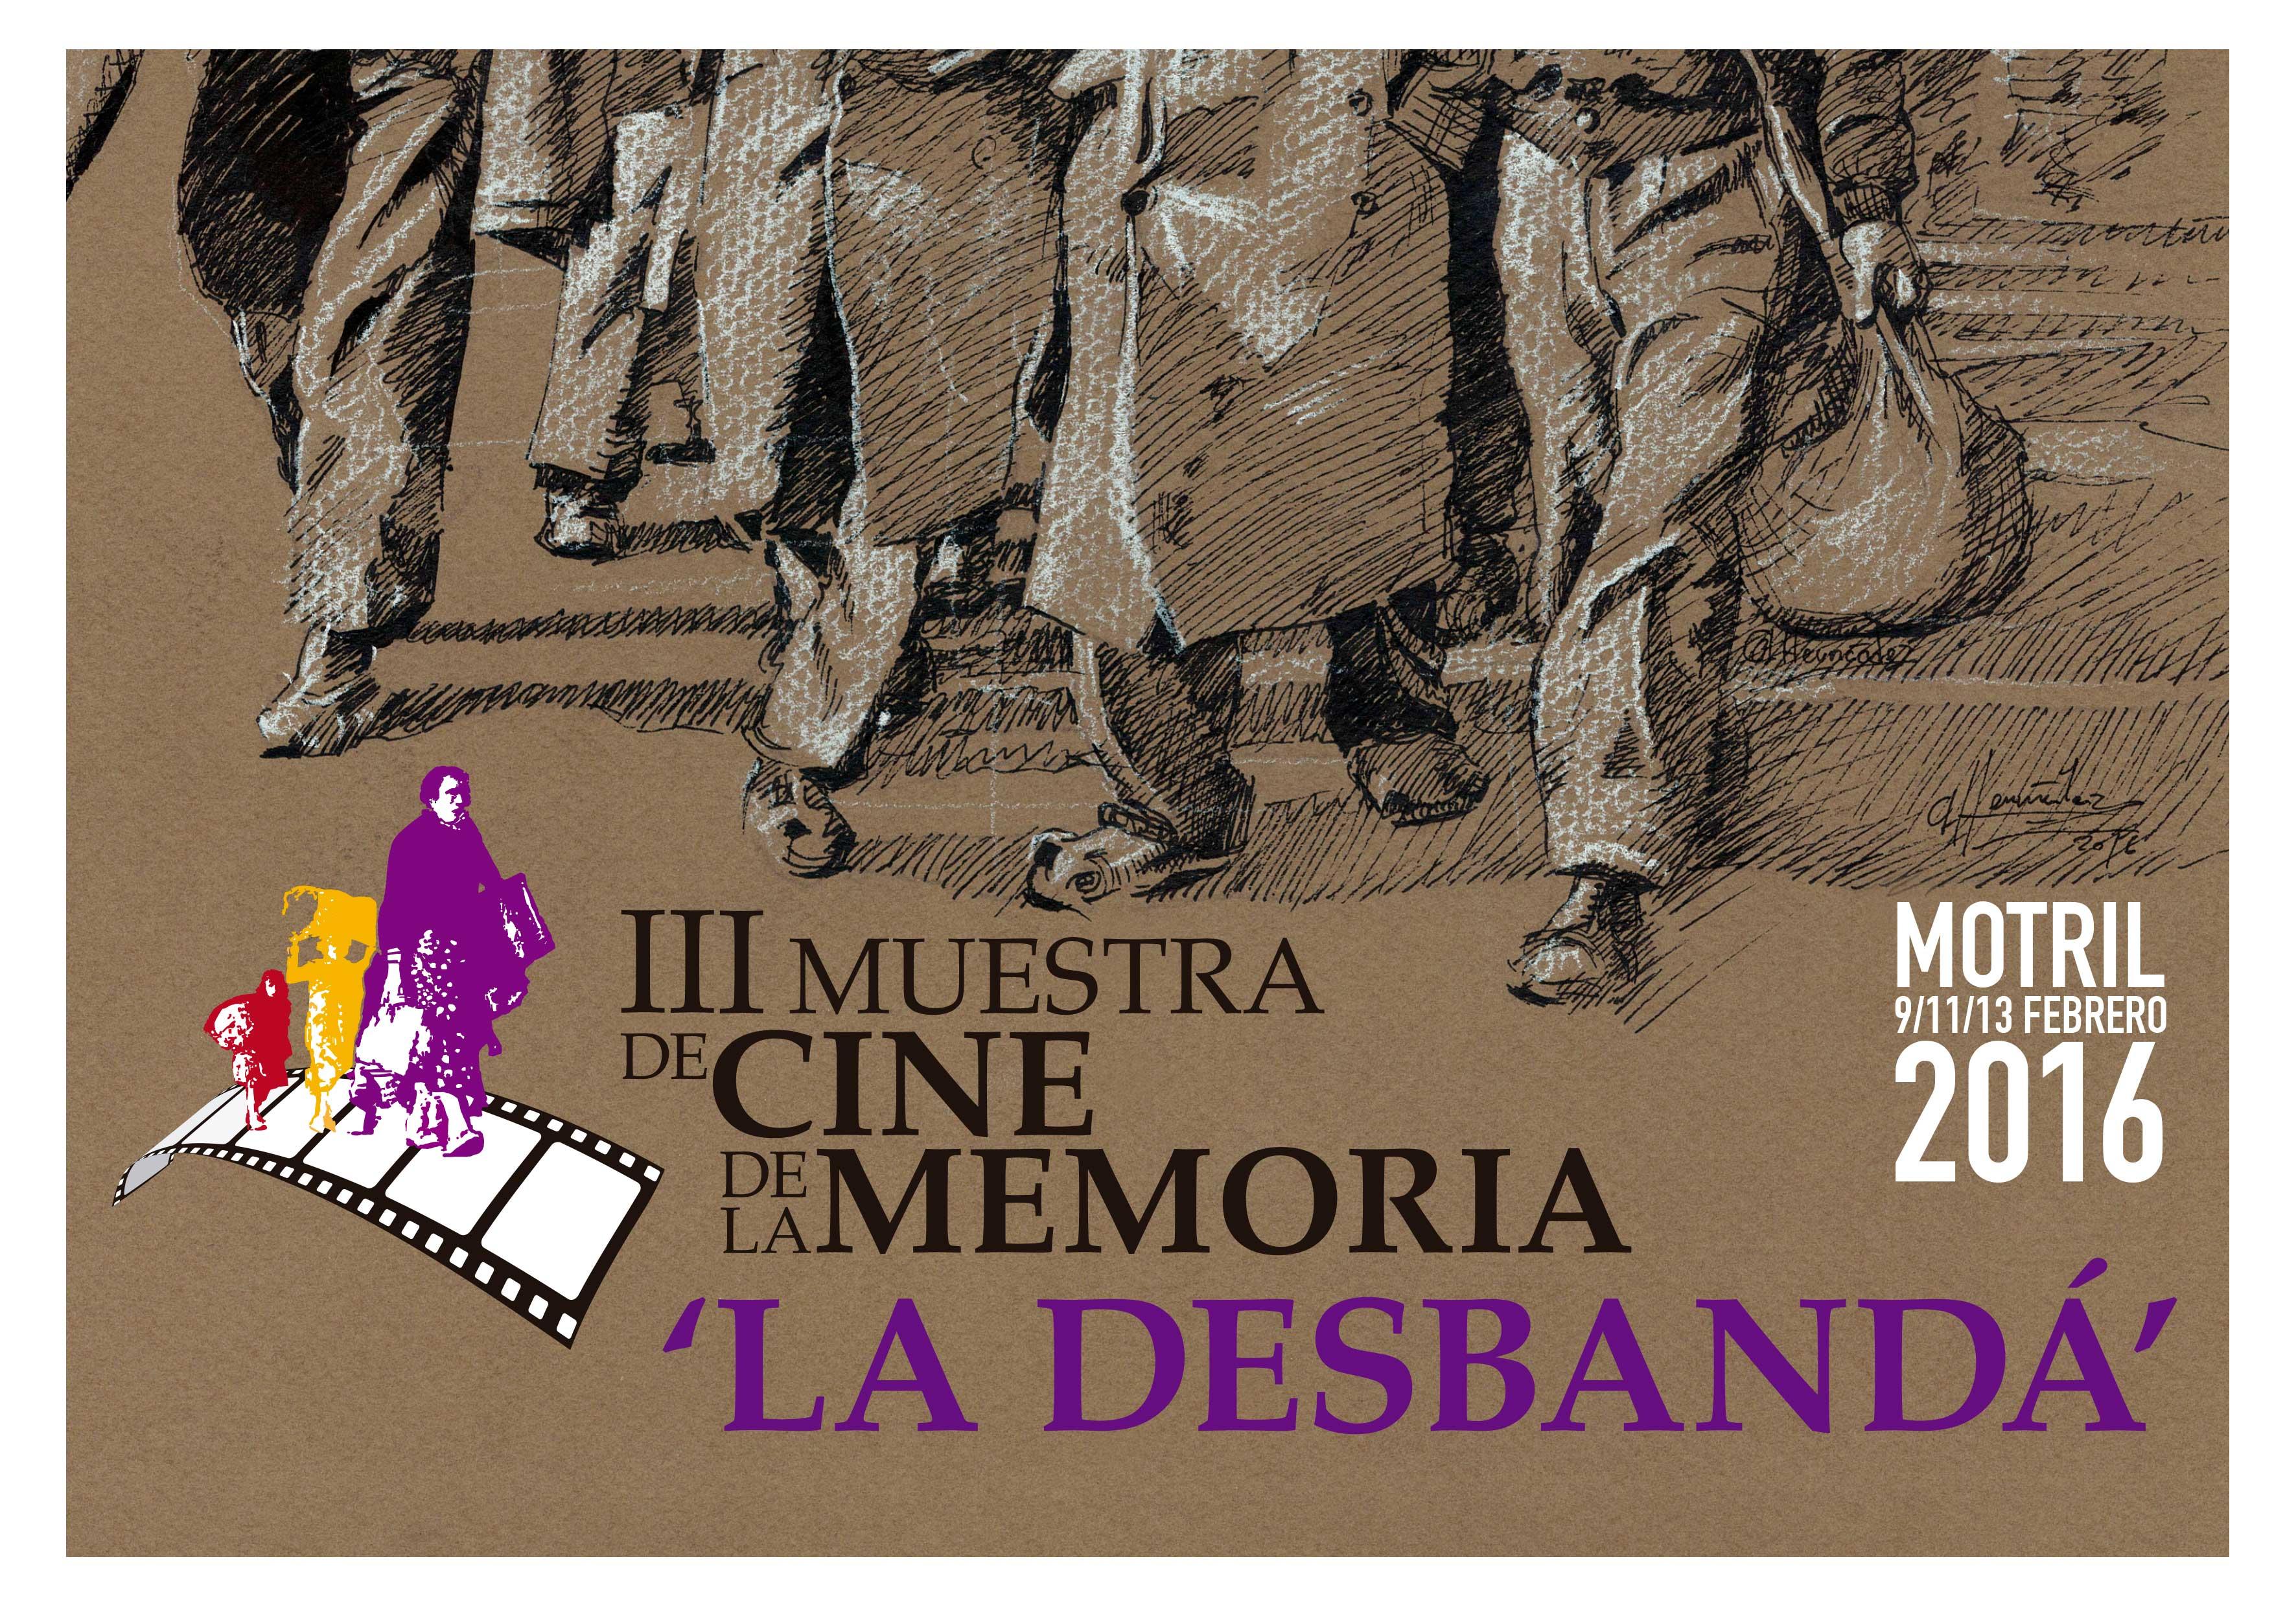 CINE, PRESENTACIONES, DEBATES Y ACTIVIDADES EN LA III MUESTRA DE CINE DE LA MEMORIA LA DESBANDÁ